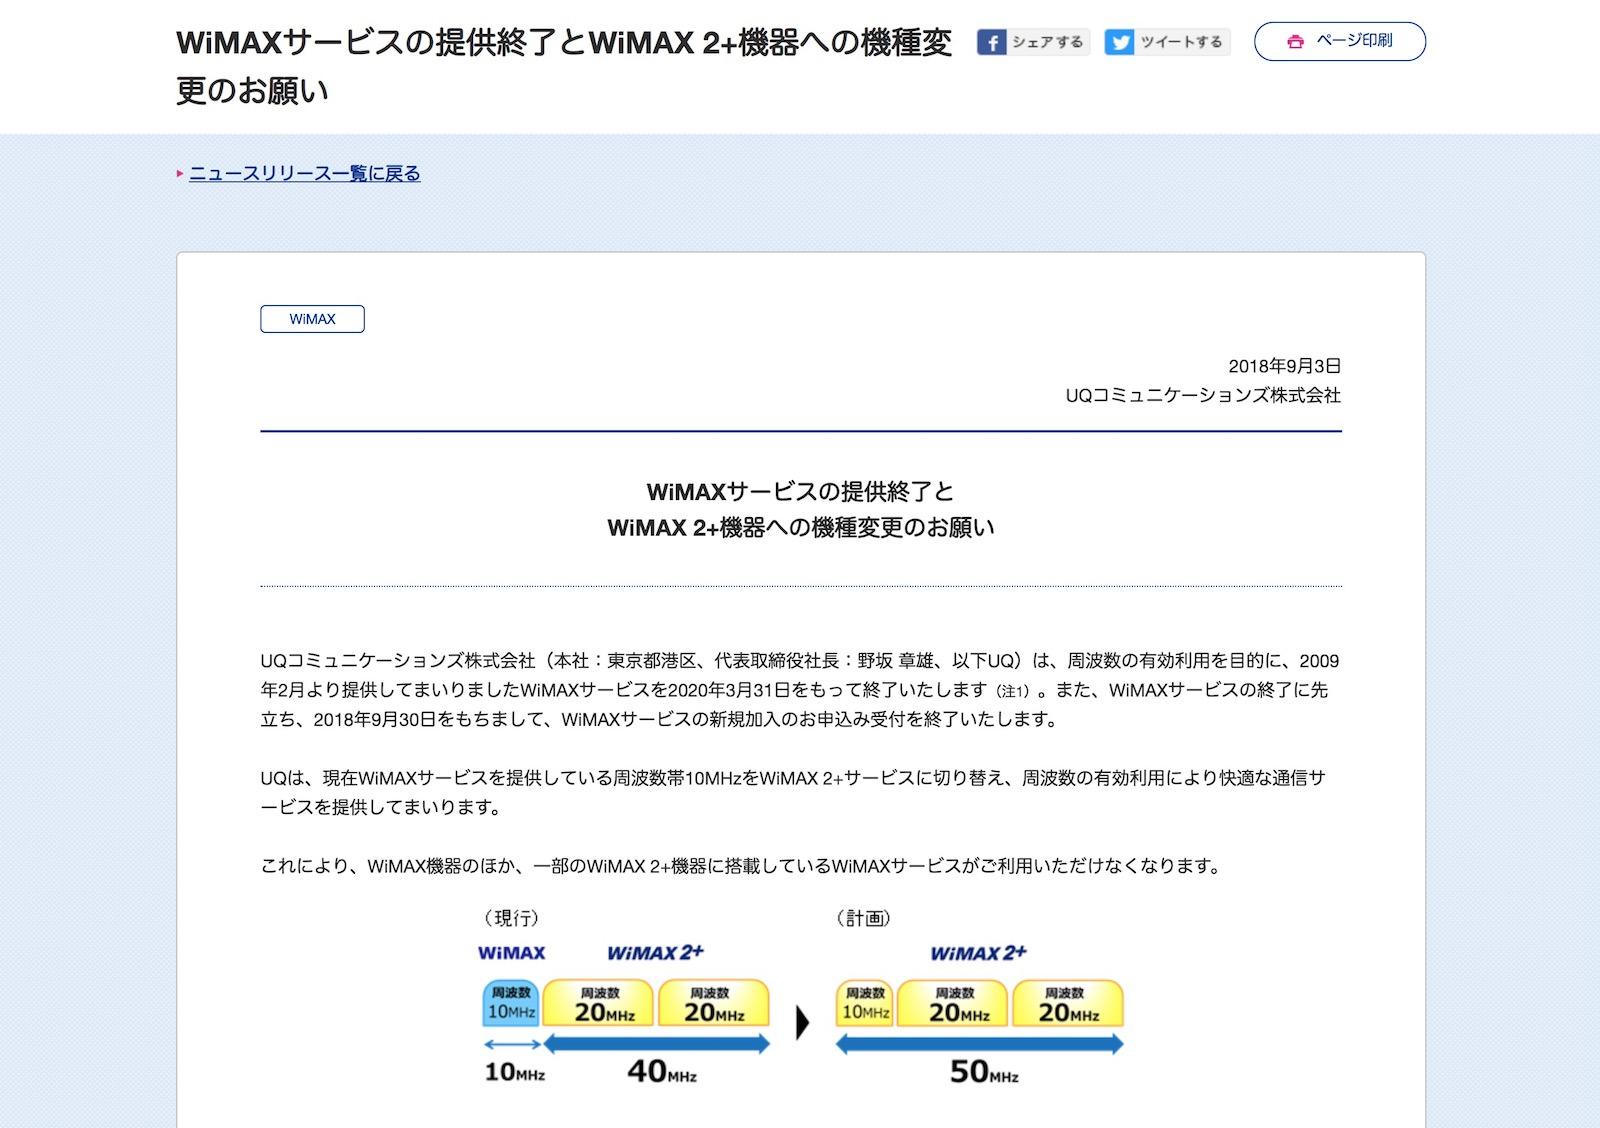 UQ-Mobile-ending-imax-service.jpg